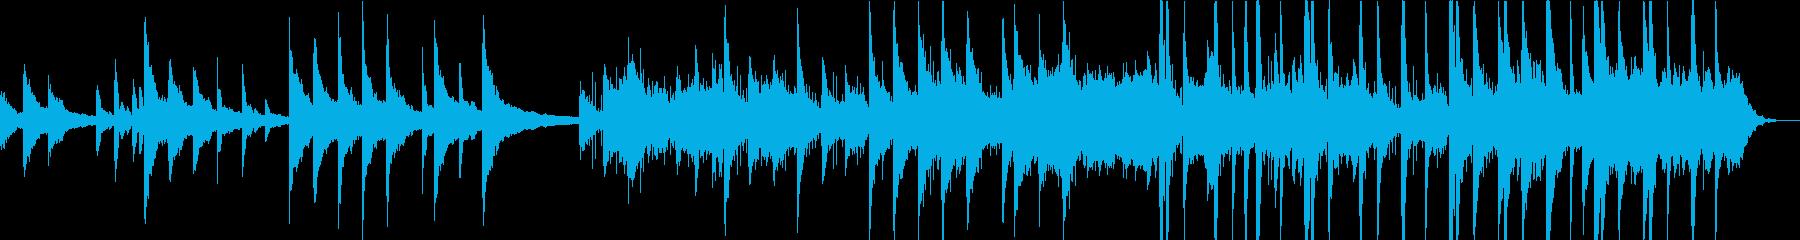 冷たい・悲しい雰囲気のピアノエレクトロの再生済みの波形